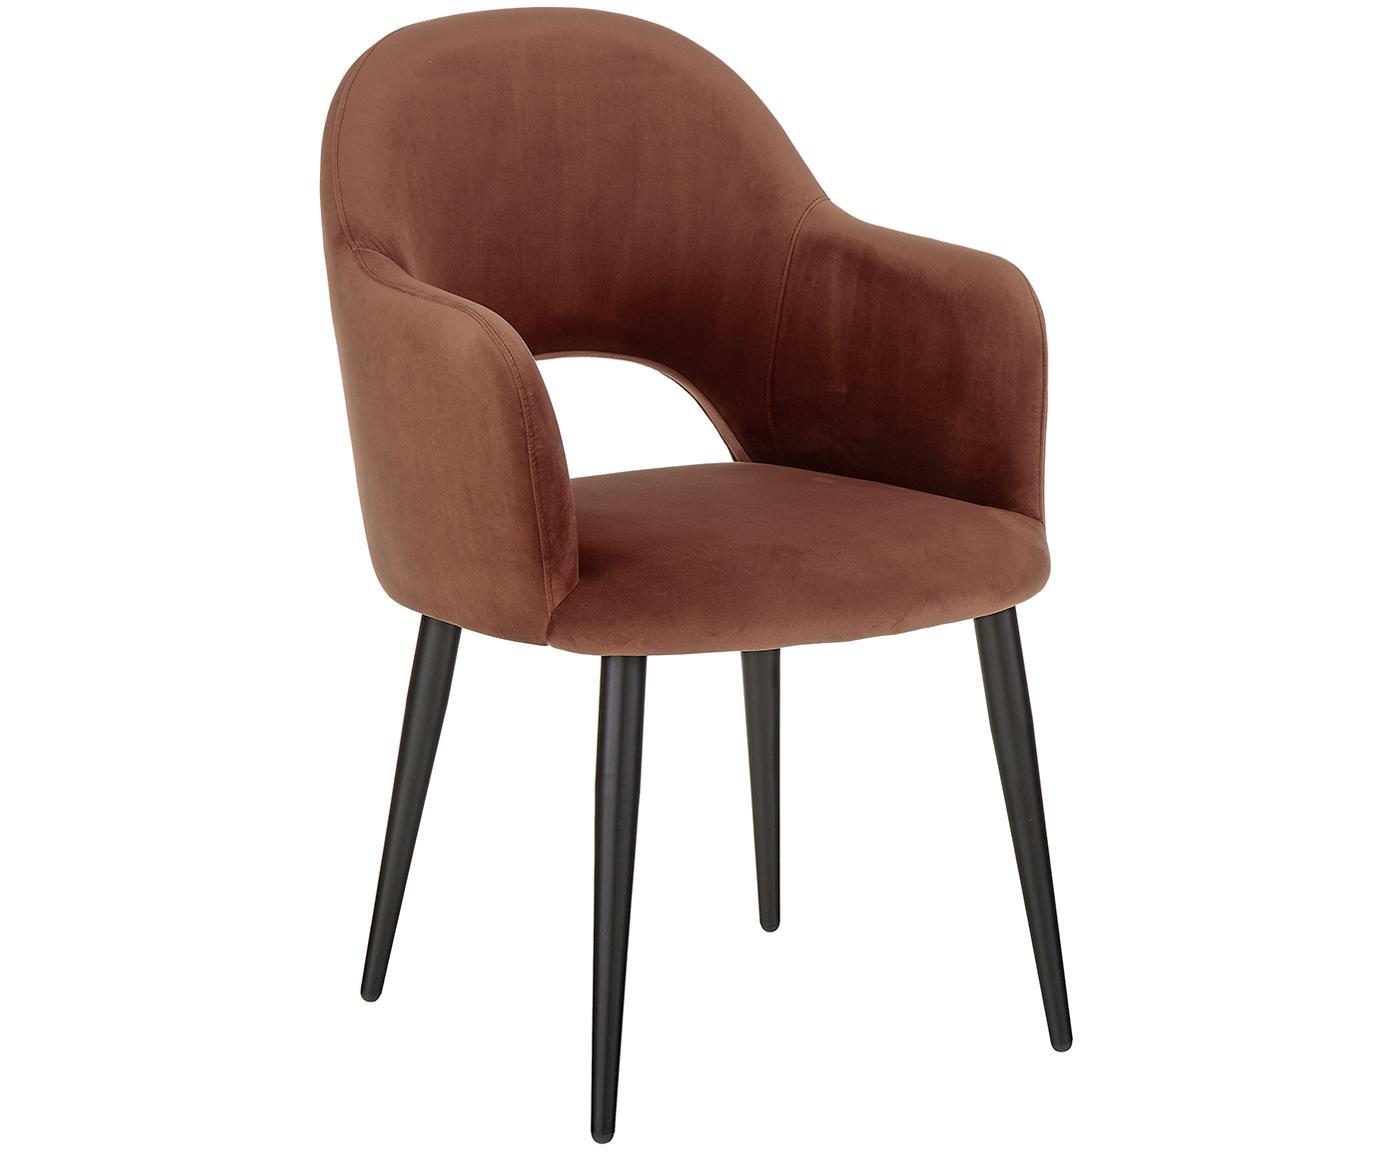 Sedia con braccioli in velluto Rachel, Rivestimento: velluto (poliestere) 50.0, Gambe: metallo verniciato a polv, Rivestimento: marrone Gambe: nero opaco, Larg. 47 x Prof. 64 cm